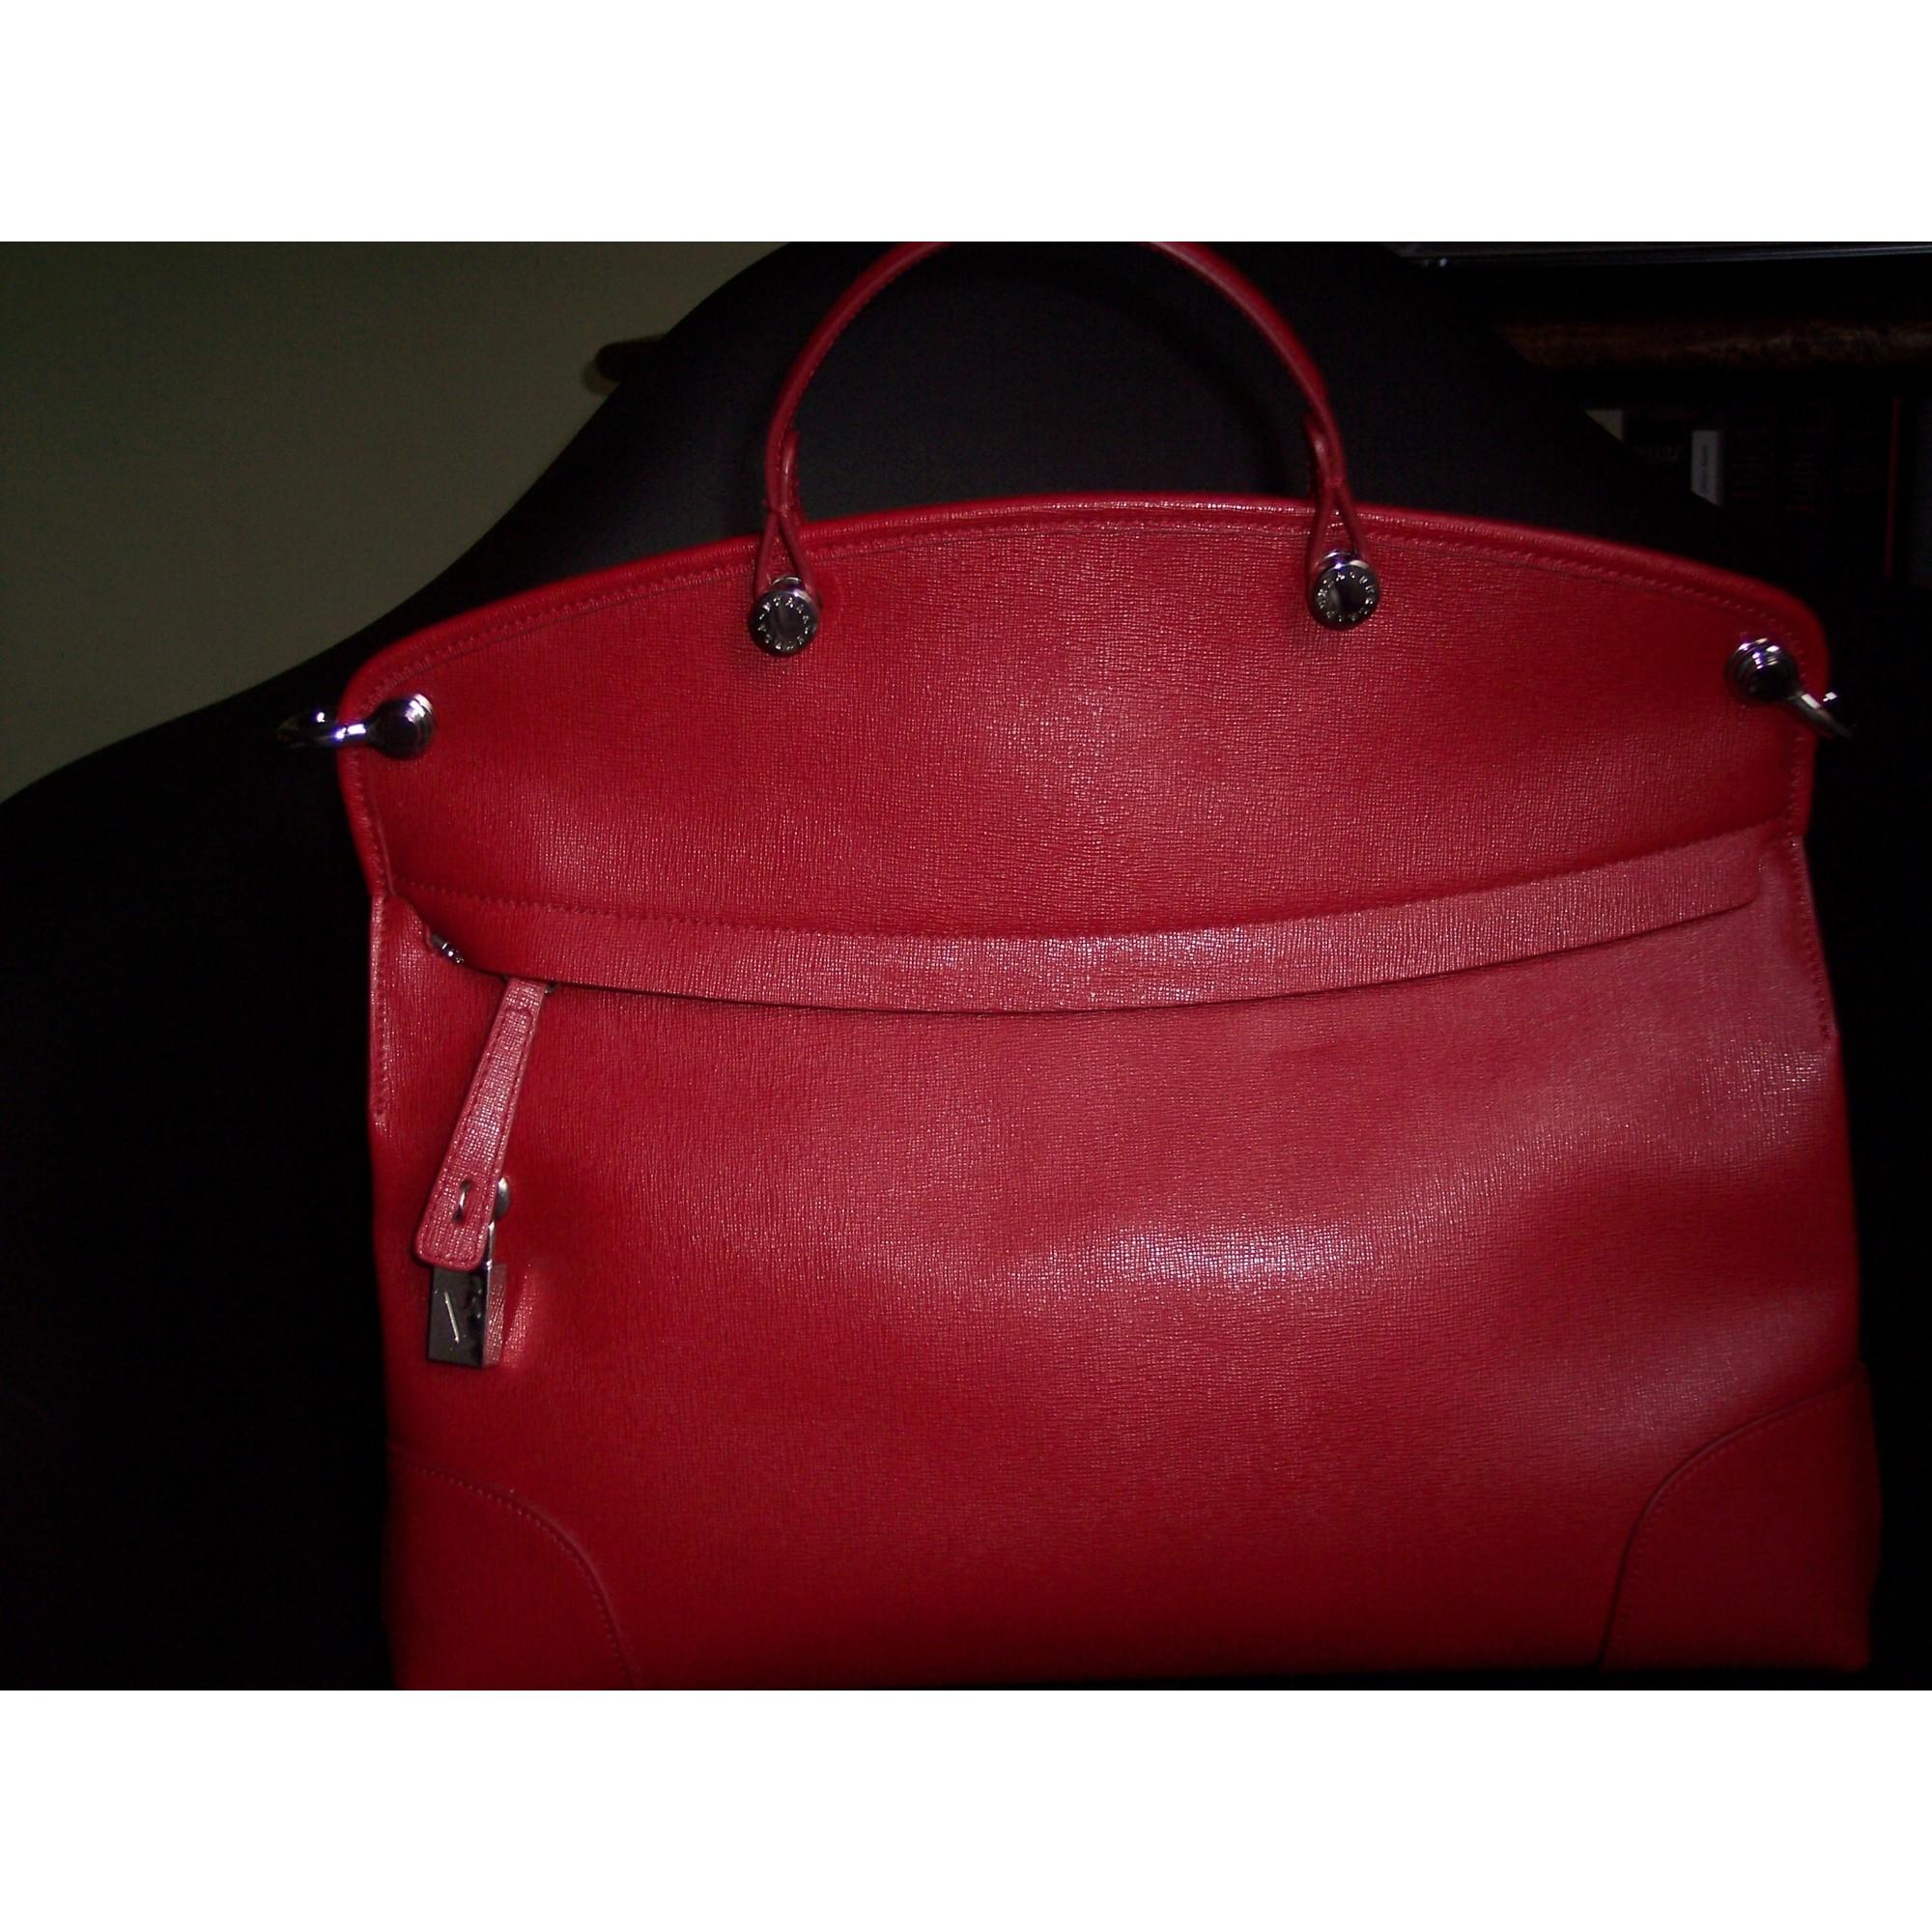 ad964fe18d Sac à main en cuir FURLA rouge vendu par Emmafore - 4356000